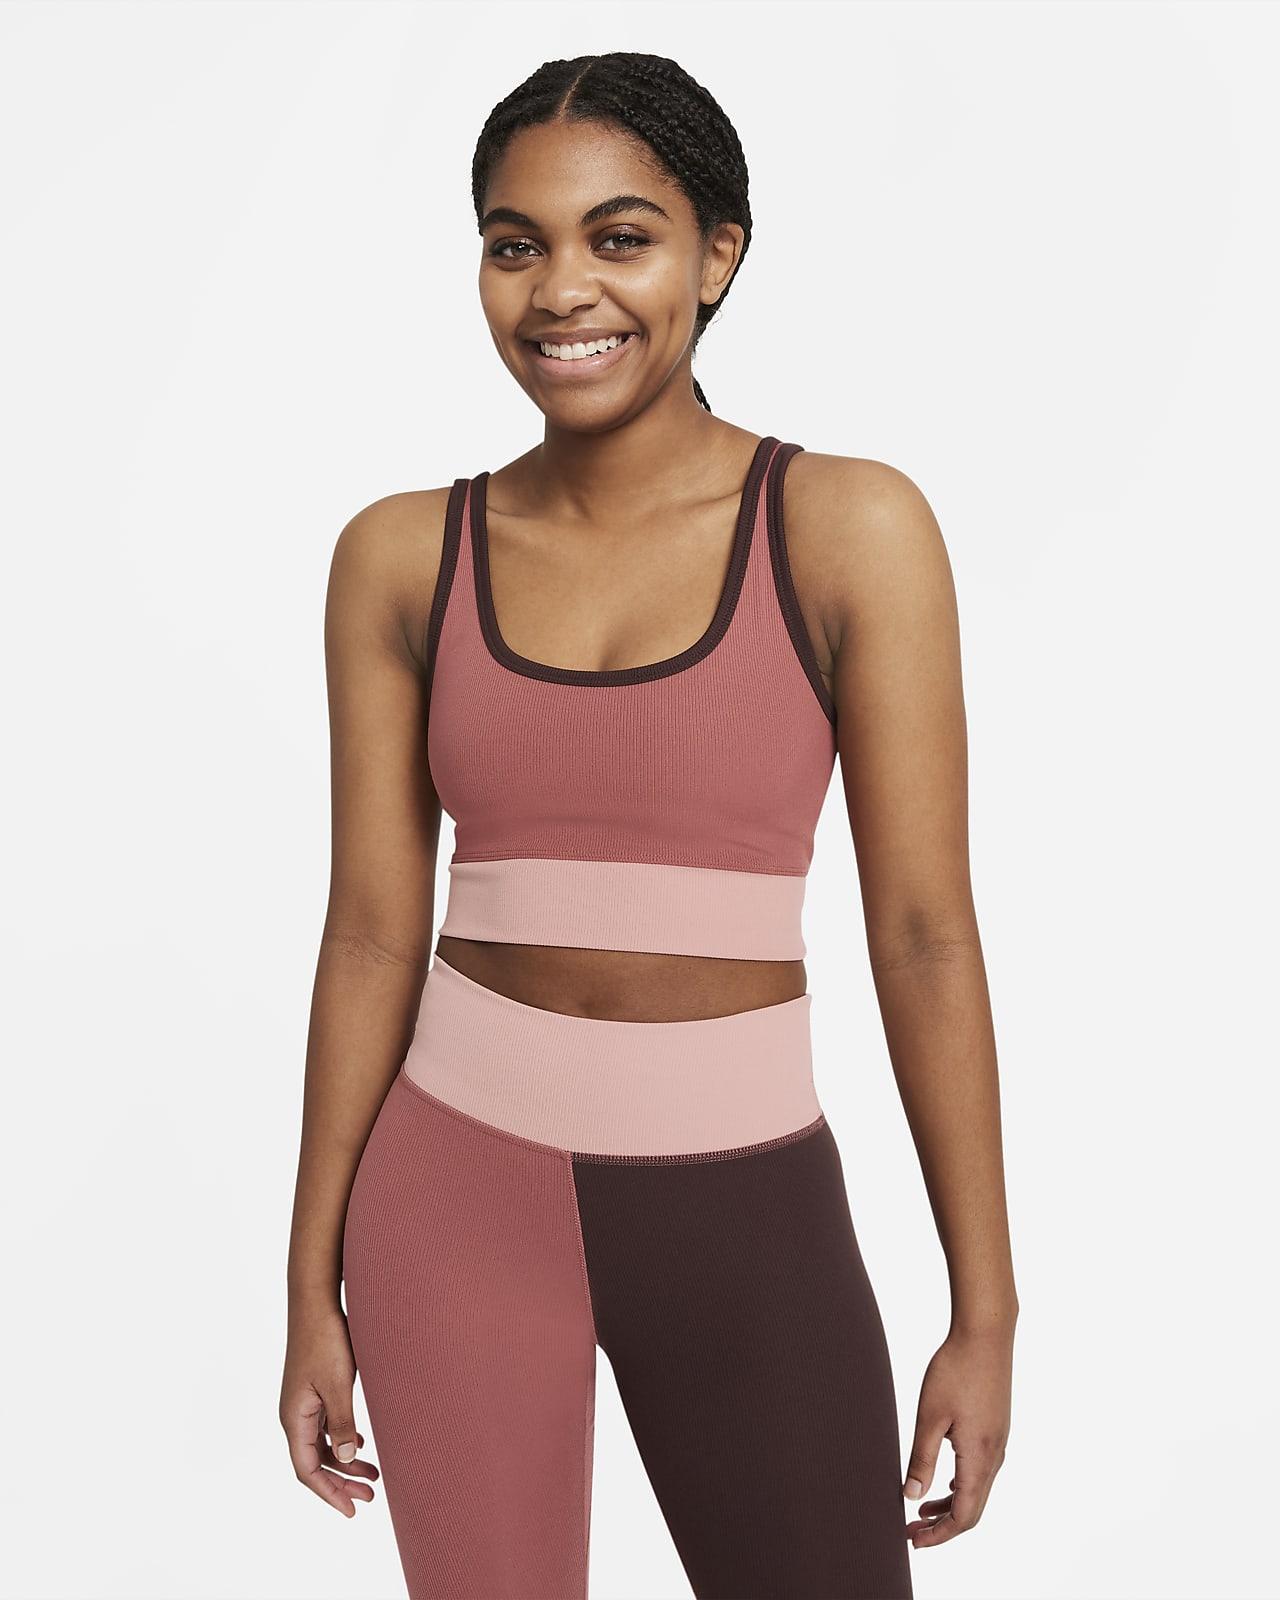 Nike Luxe bordázott, rövid szabású női edzőtrikó